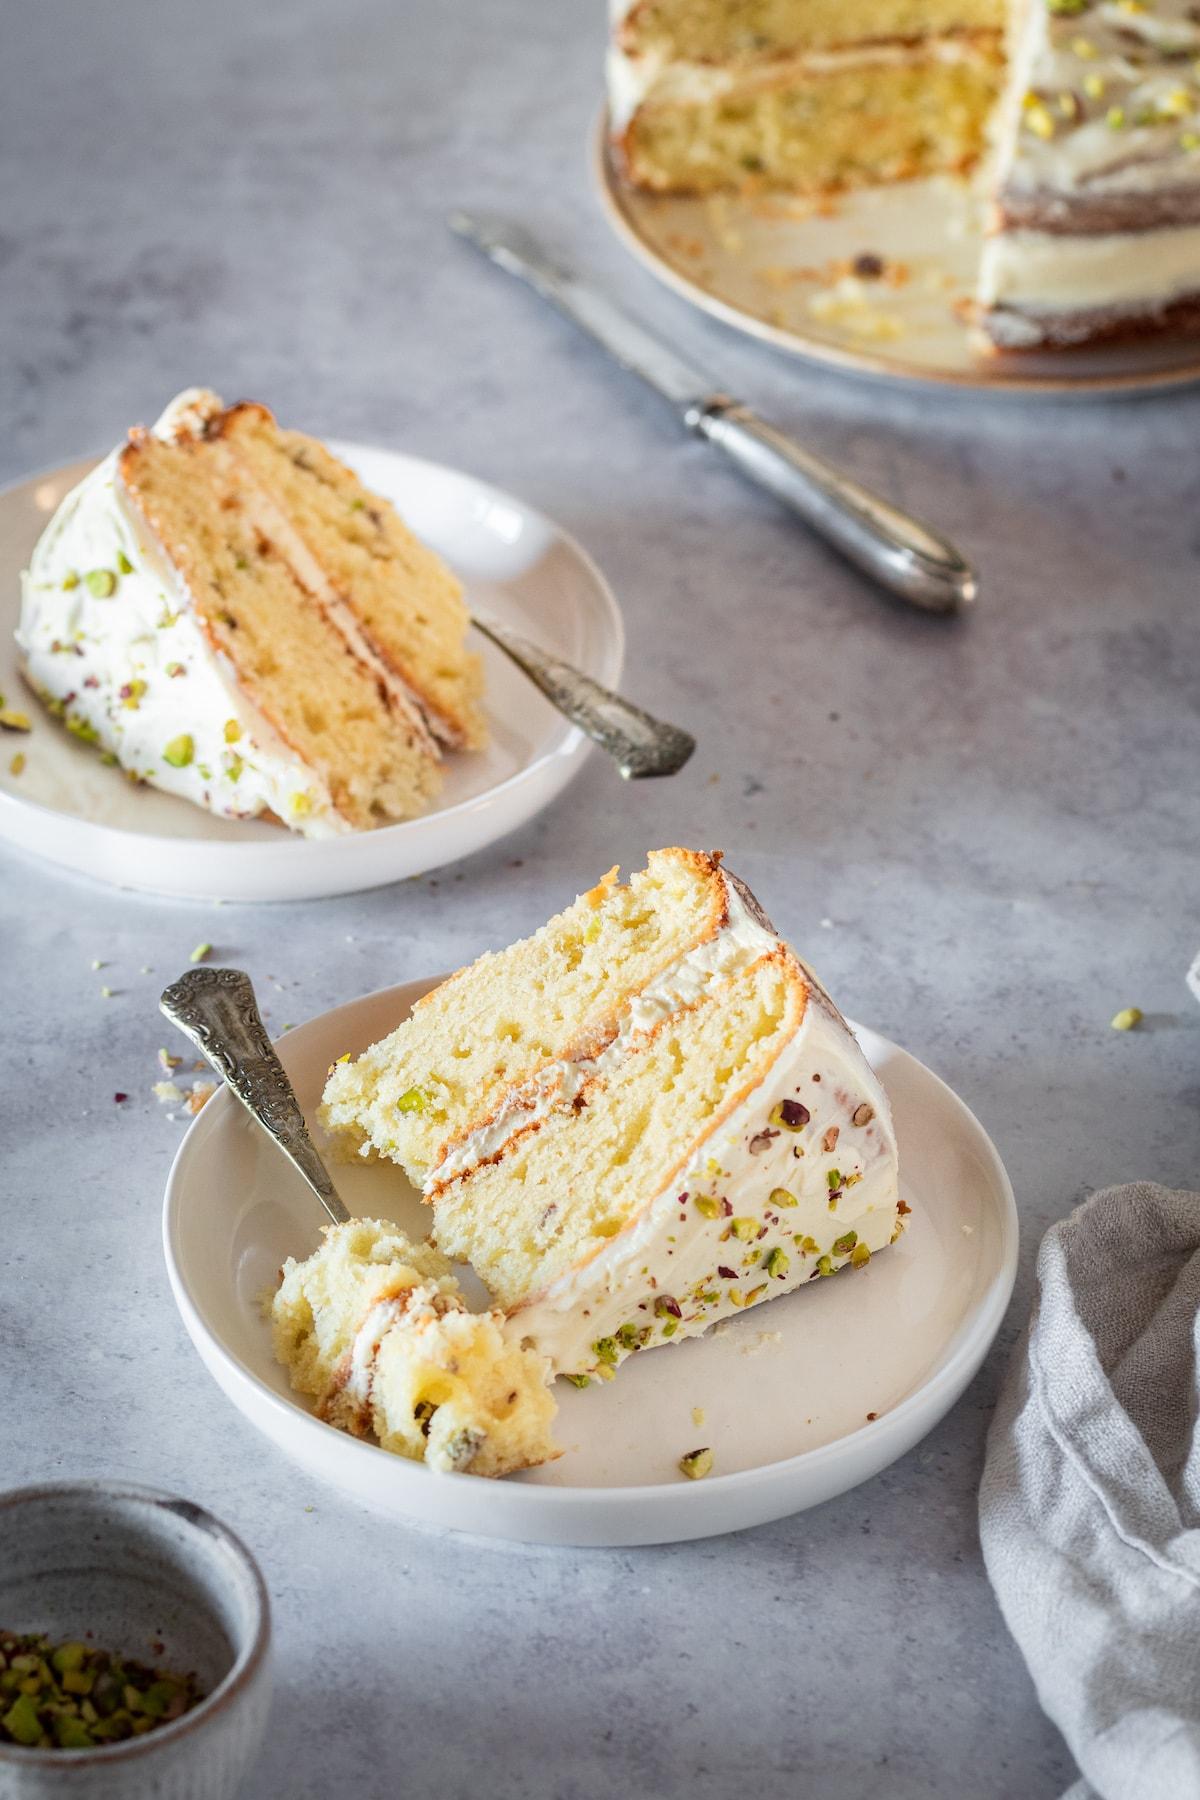 Two slices of Pistachio Cake on white plates